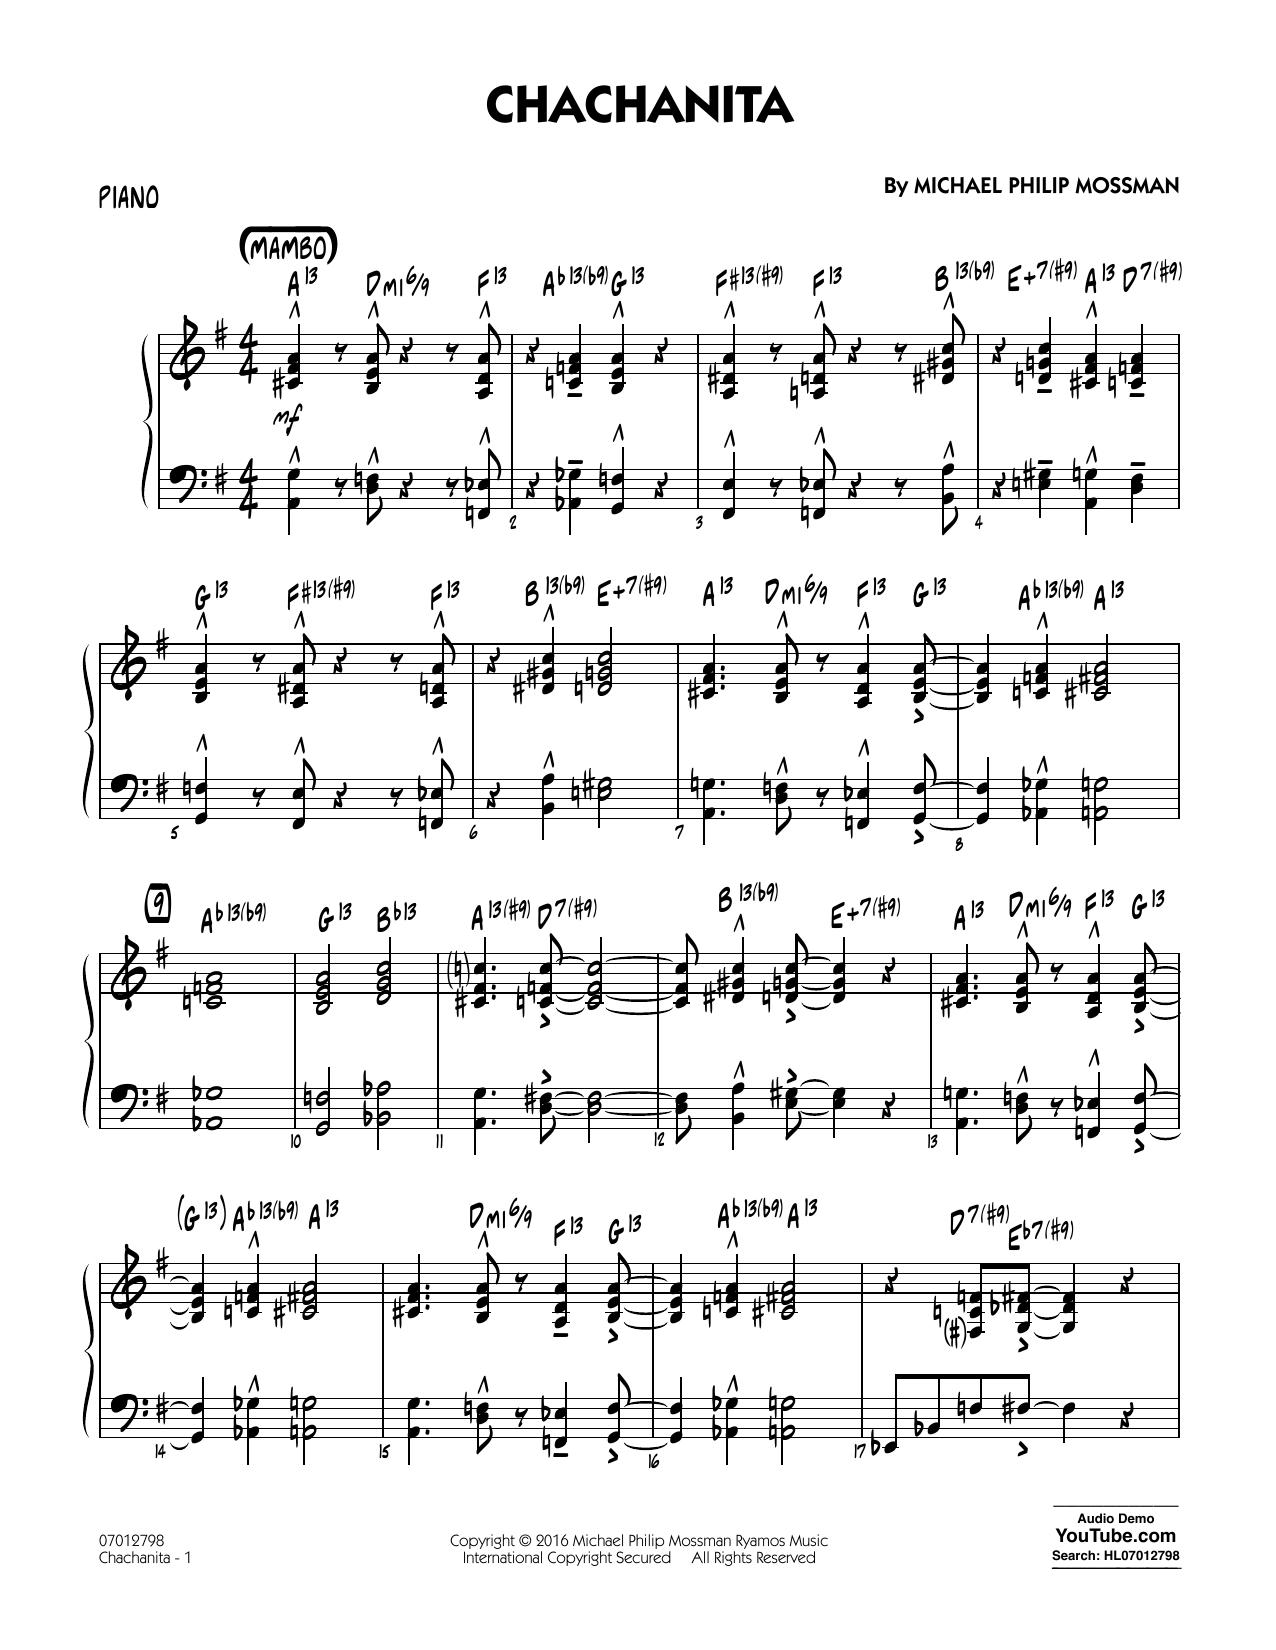 Chachanita - Piano